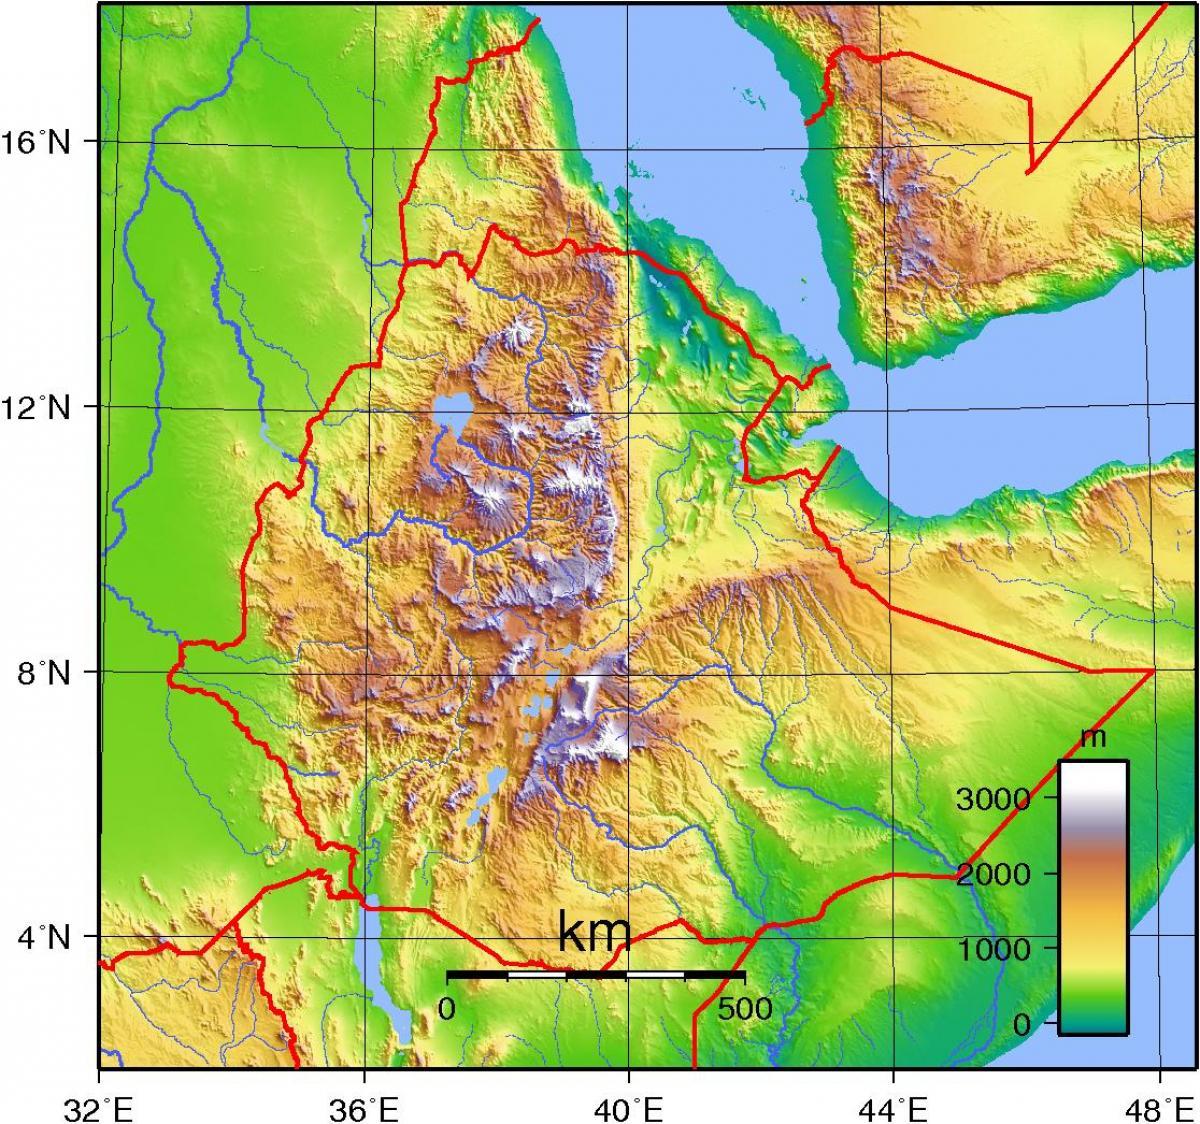 Etiopske Vysociny Mapa Etiopske Vysociny Afrika Mapa Vychodni